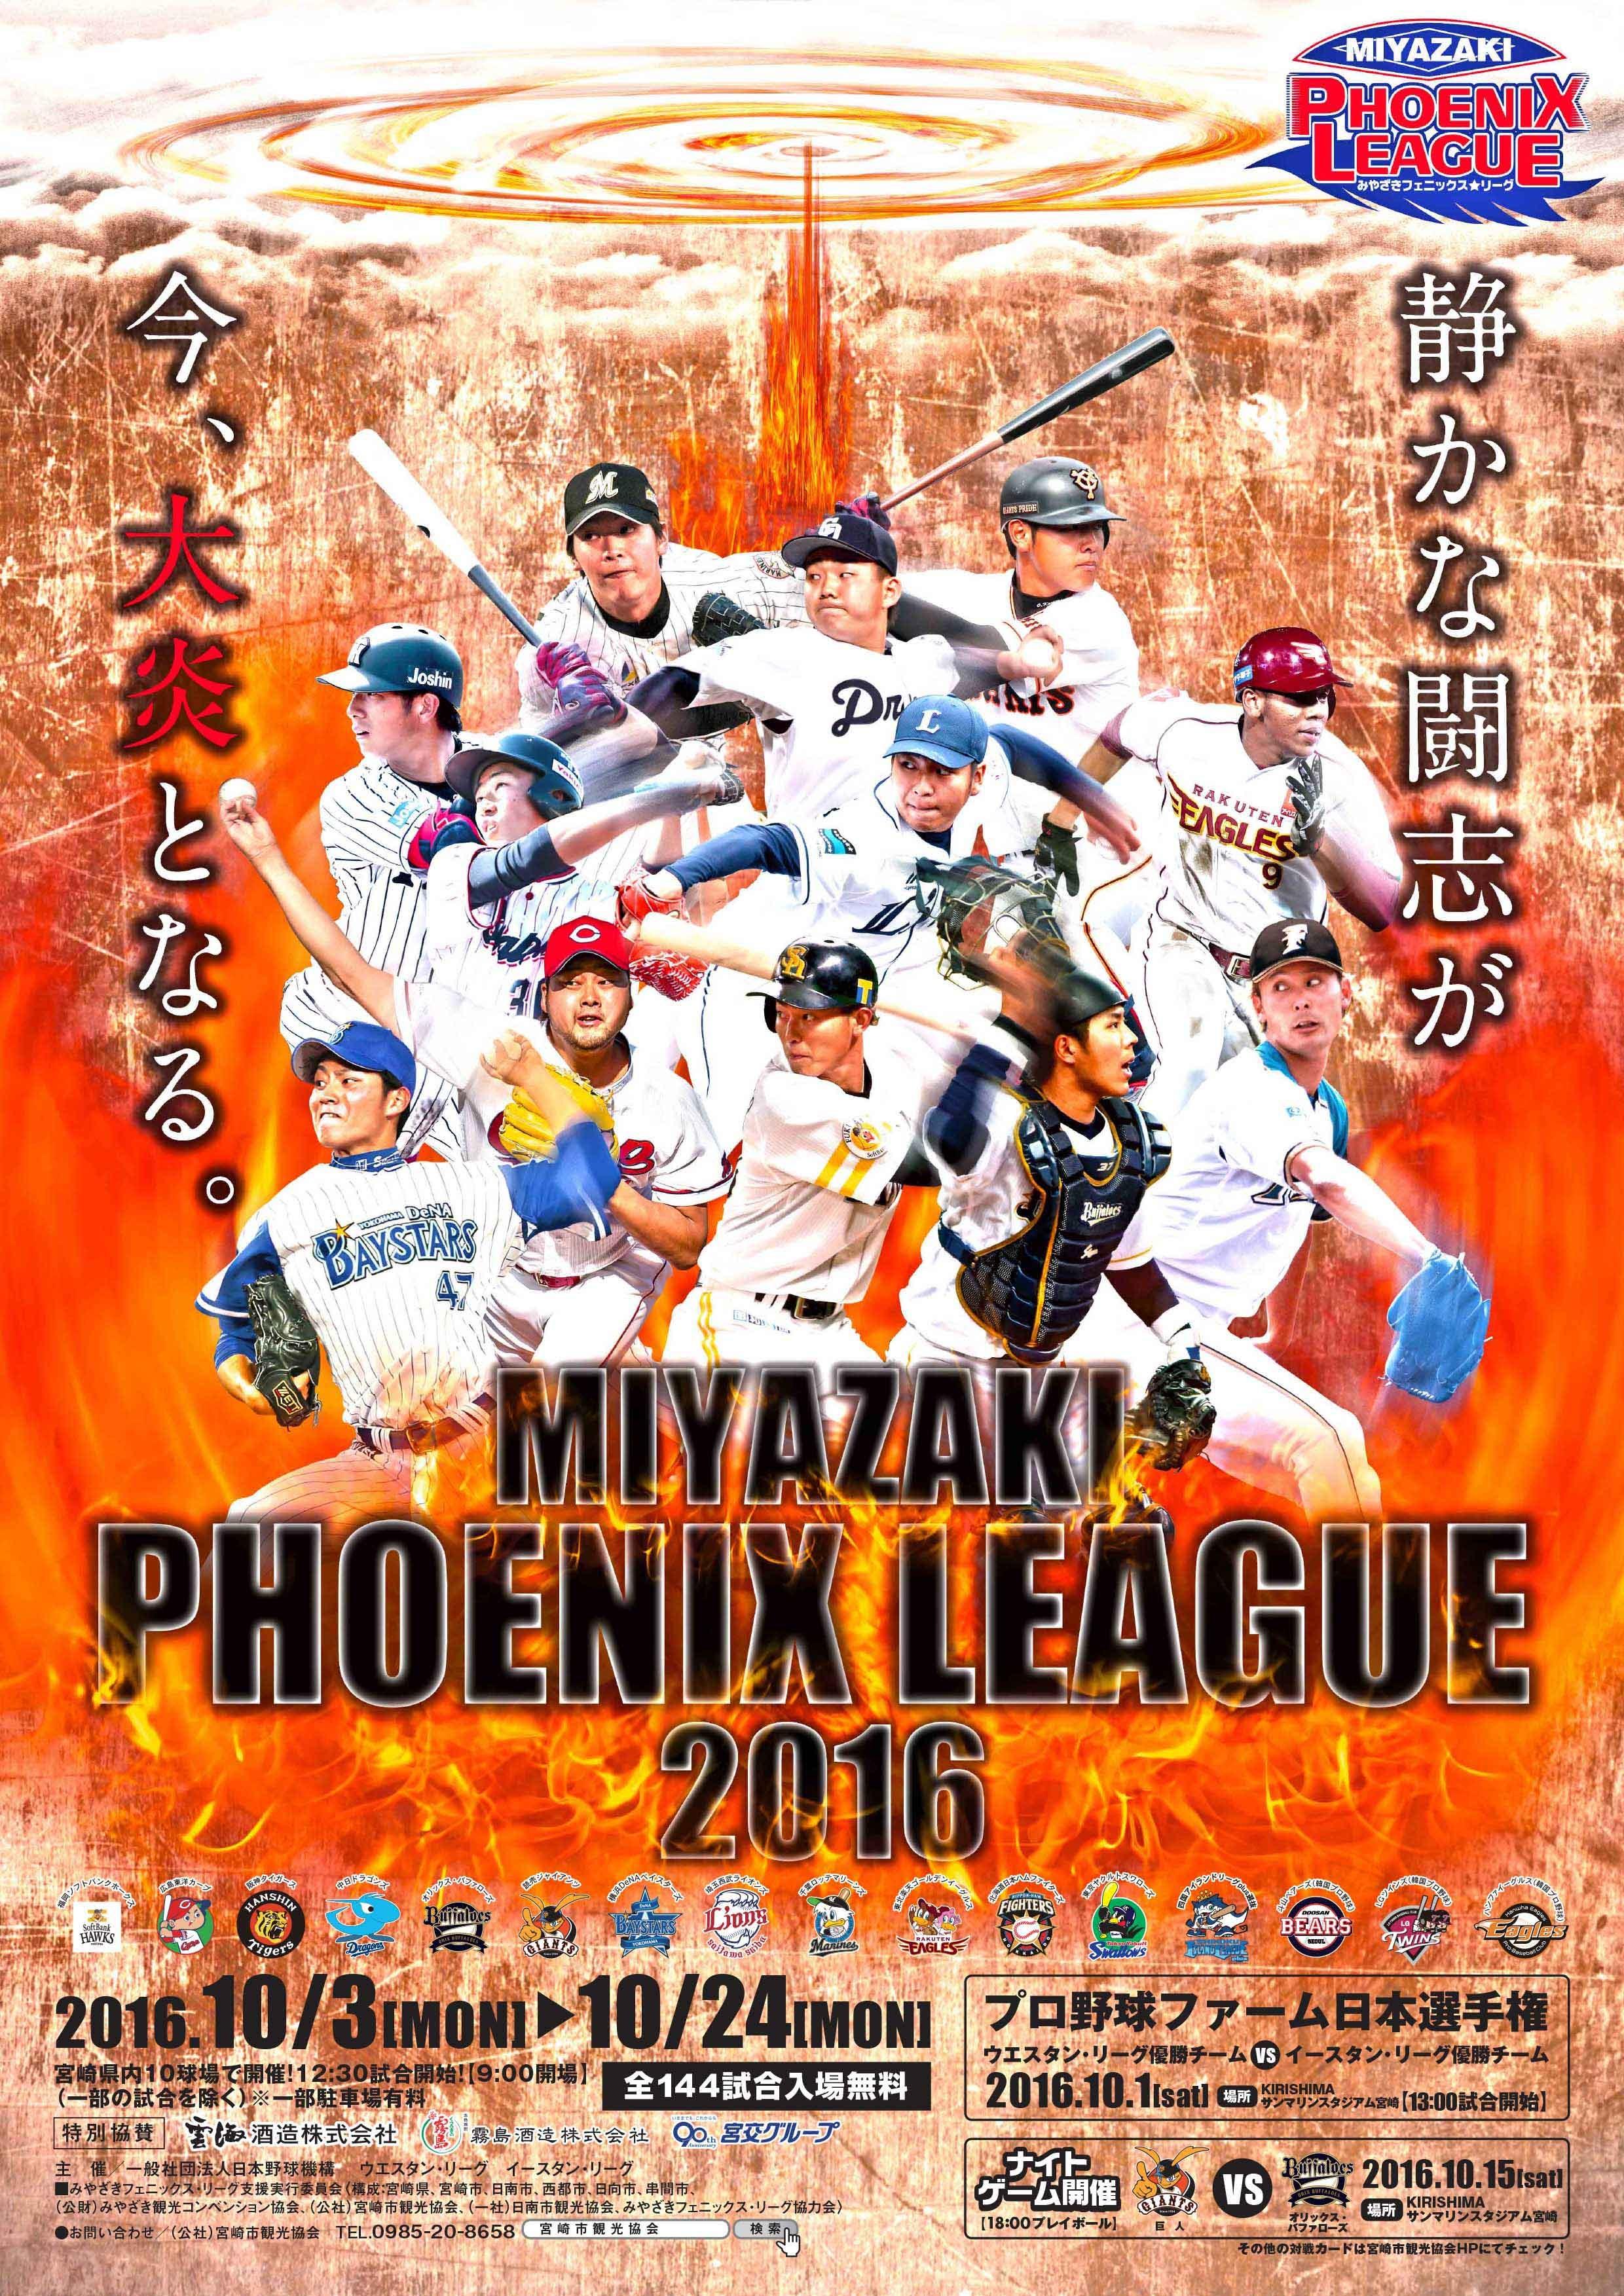 秋の「フェニックスリーグ」来季の飛躍を目指す戦い!あの山田哲人もここから・・・。